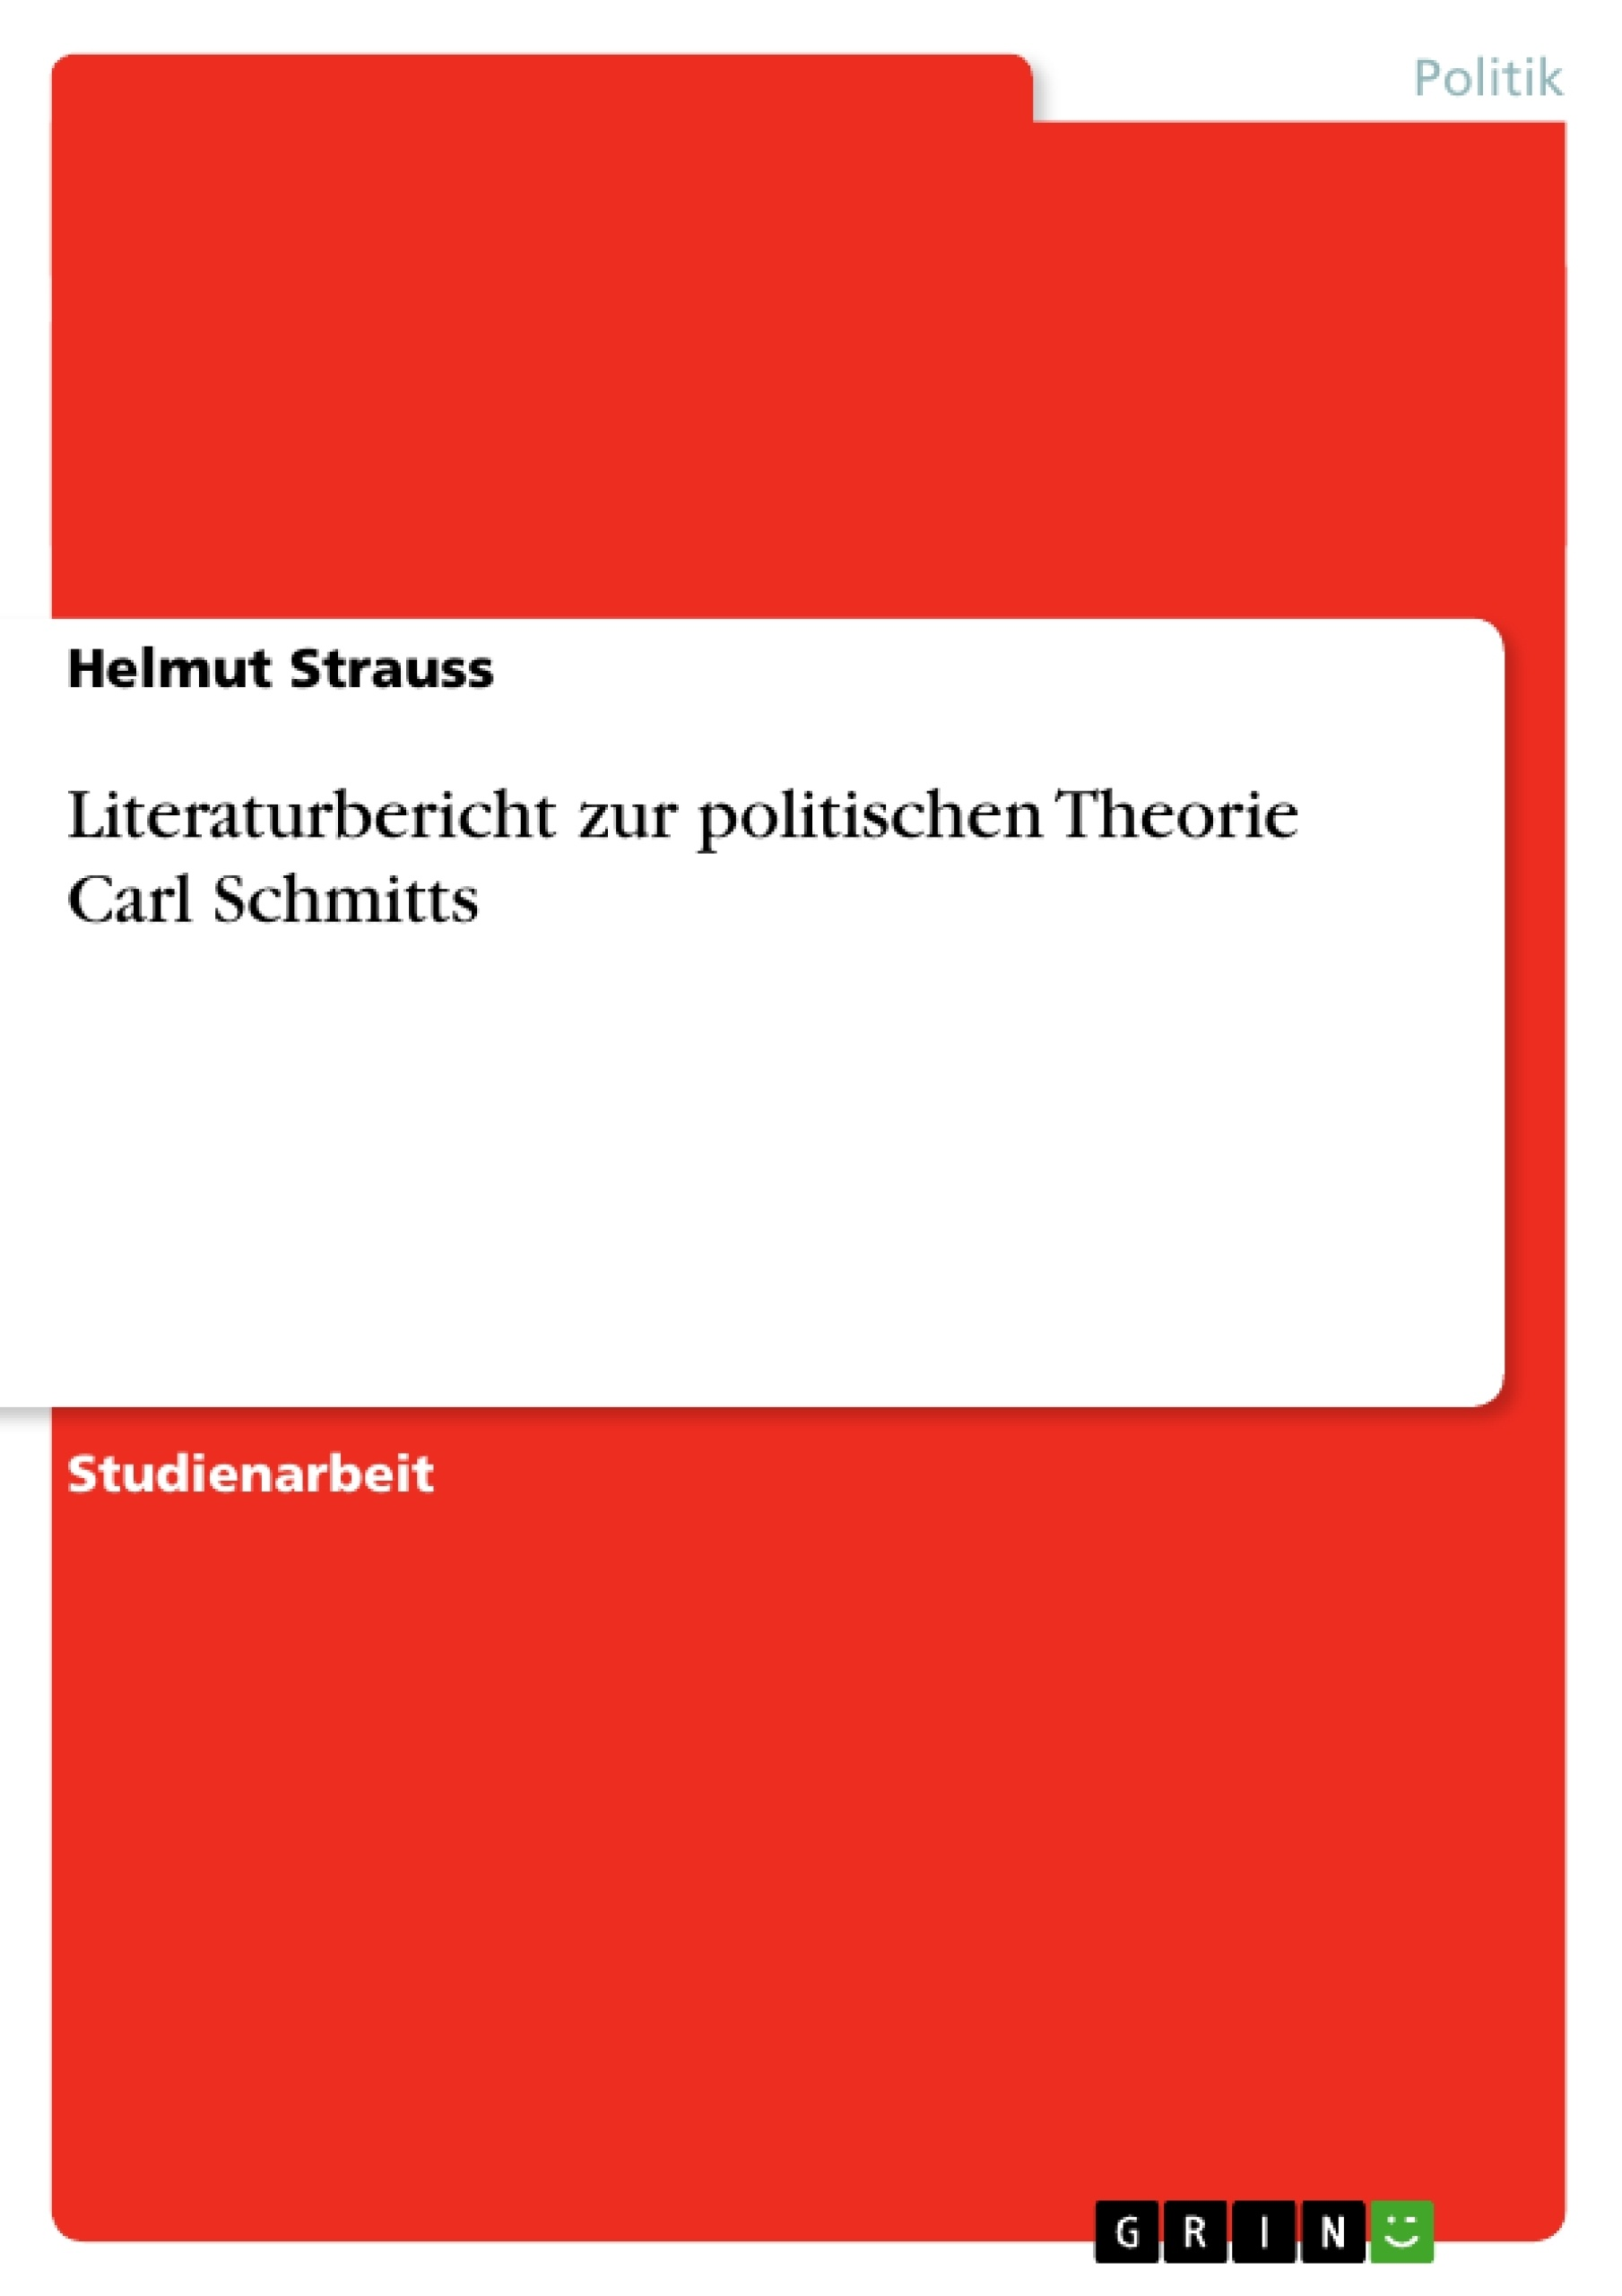 Titel: Literaturbericht zur politischen Theorie Carl Schmitts